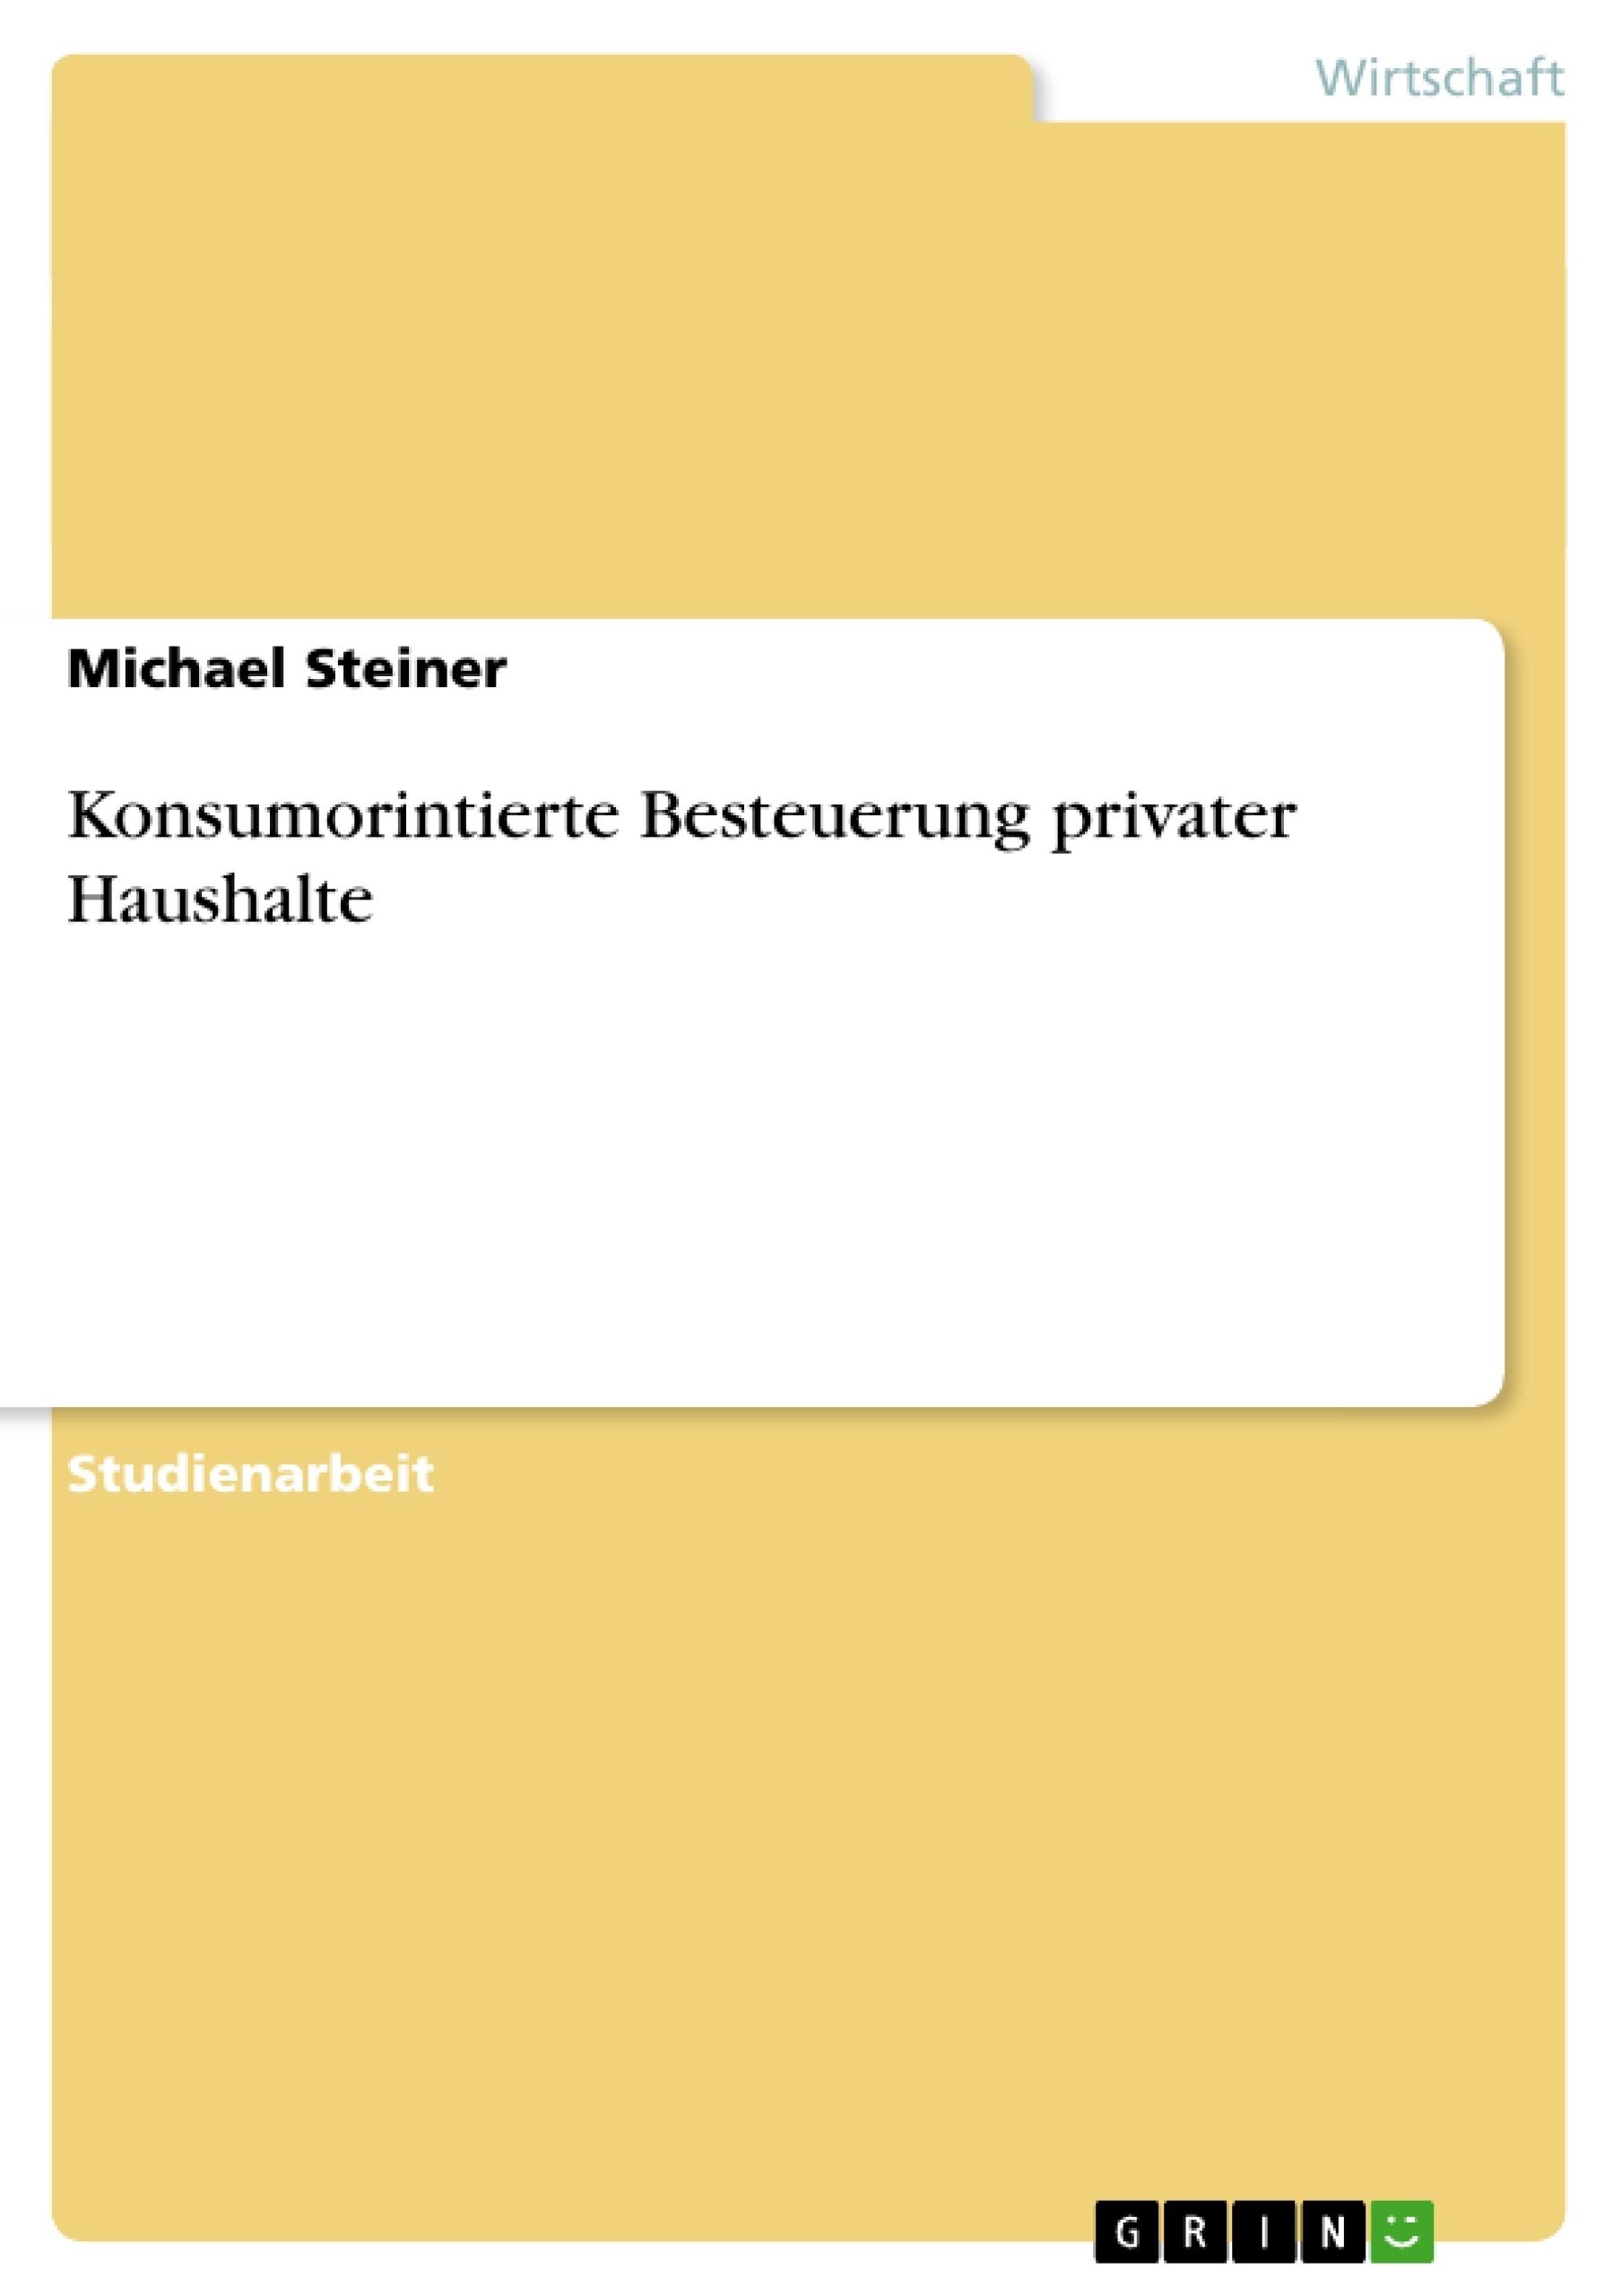 Titel: Konsumorintierte Besteuerung privater Haushalte